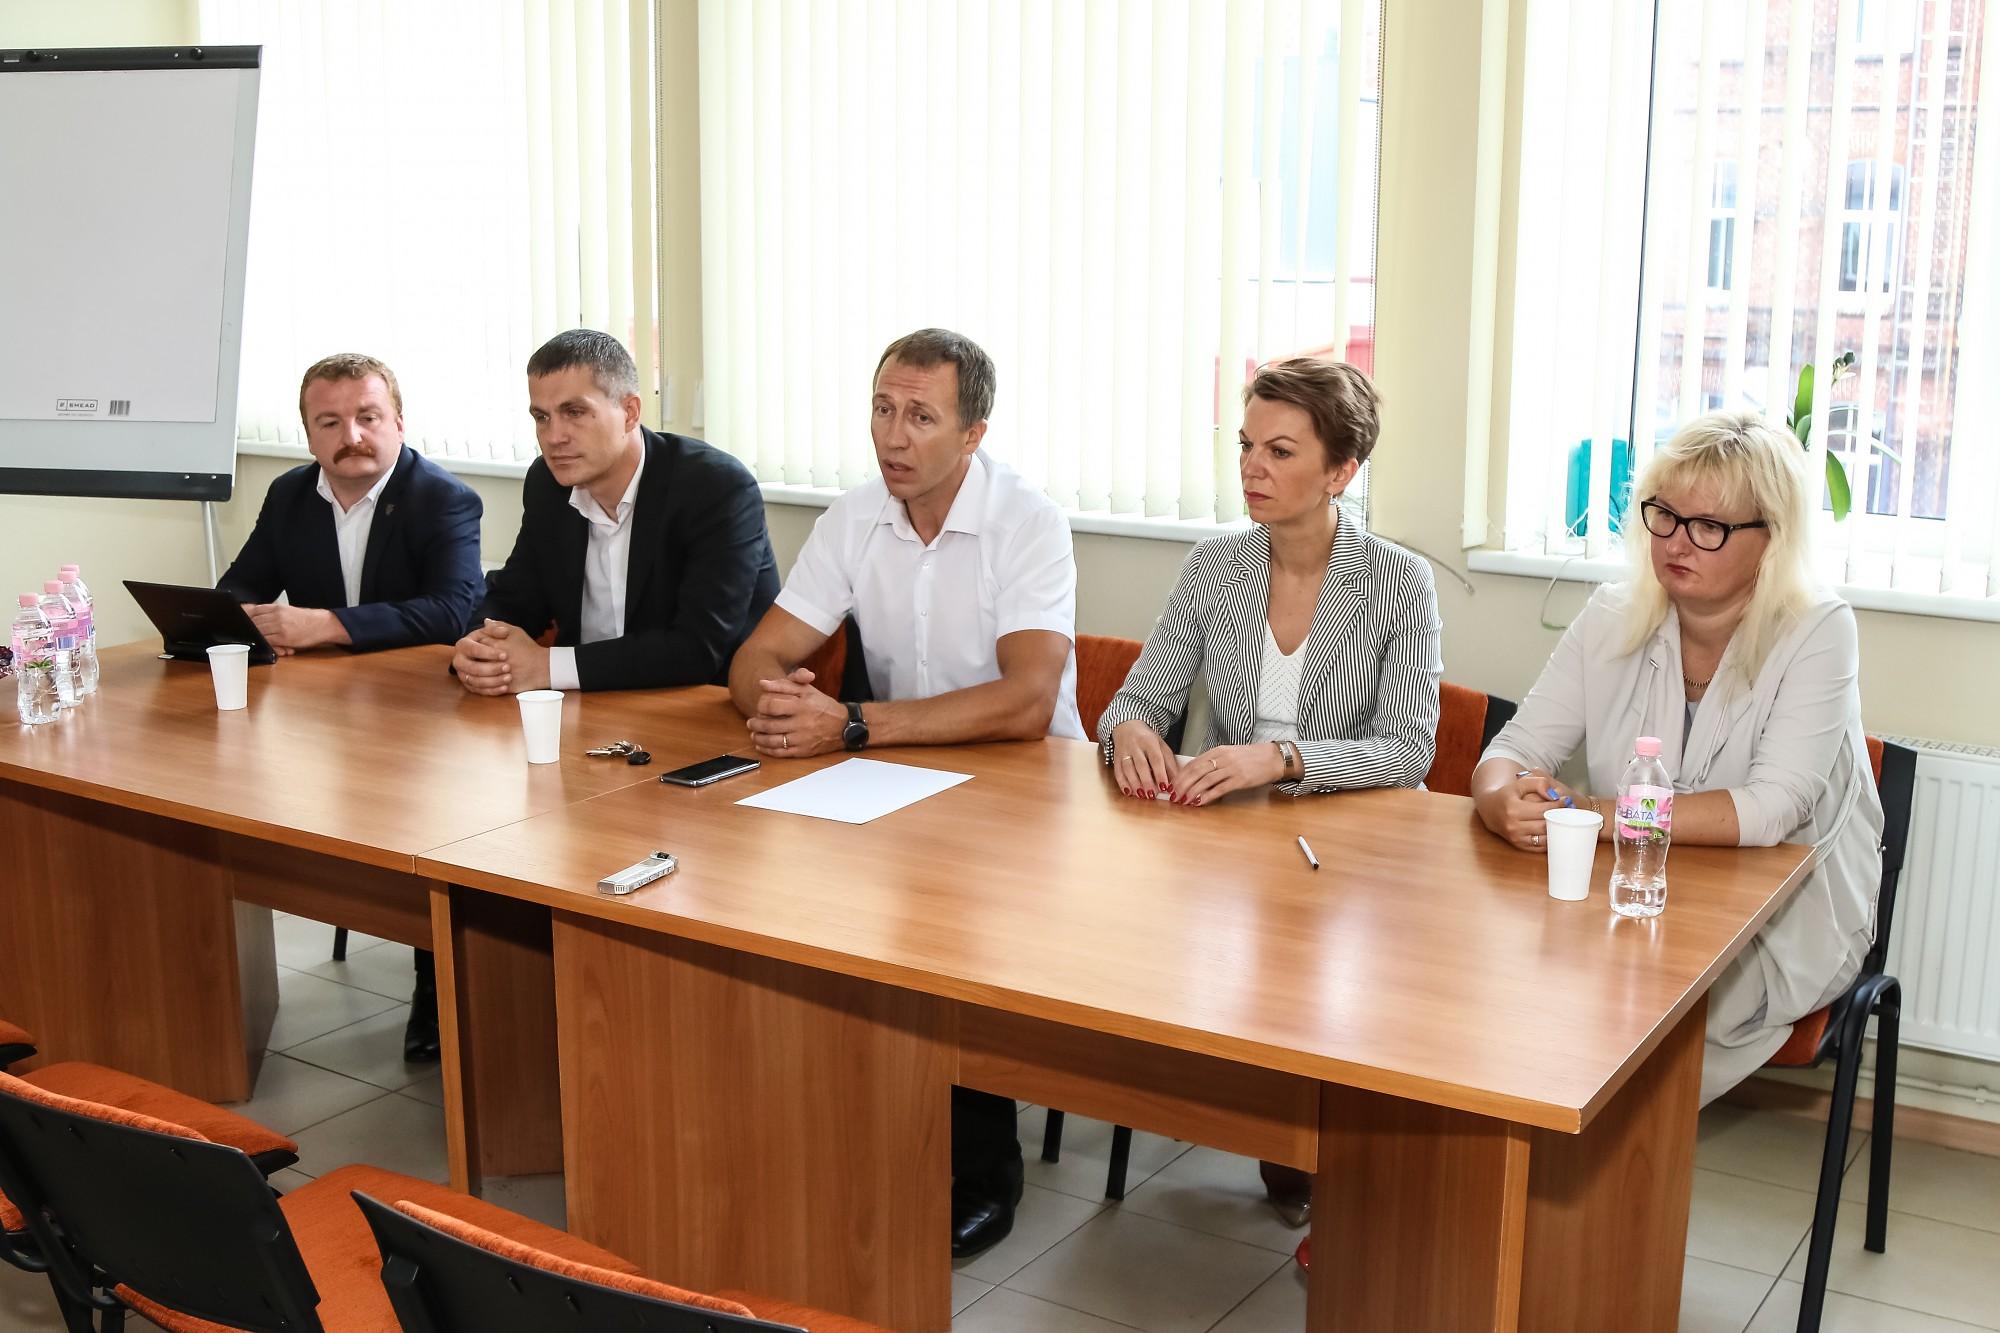 Liepājas domes opozīcijas deputāti pieprasījuši vicemēra Hadaroviča demisiju